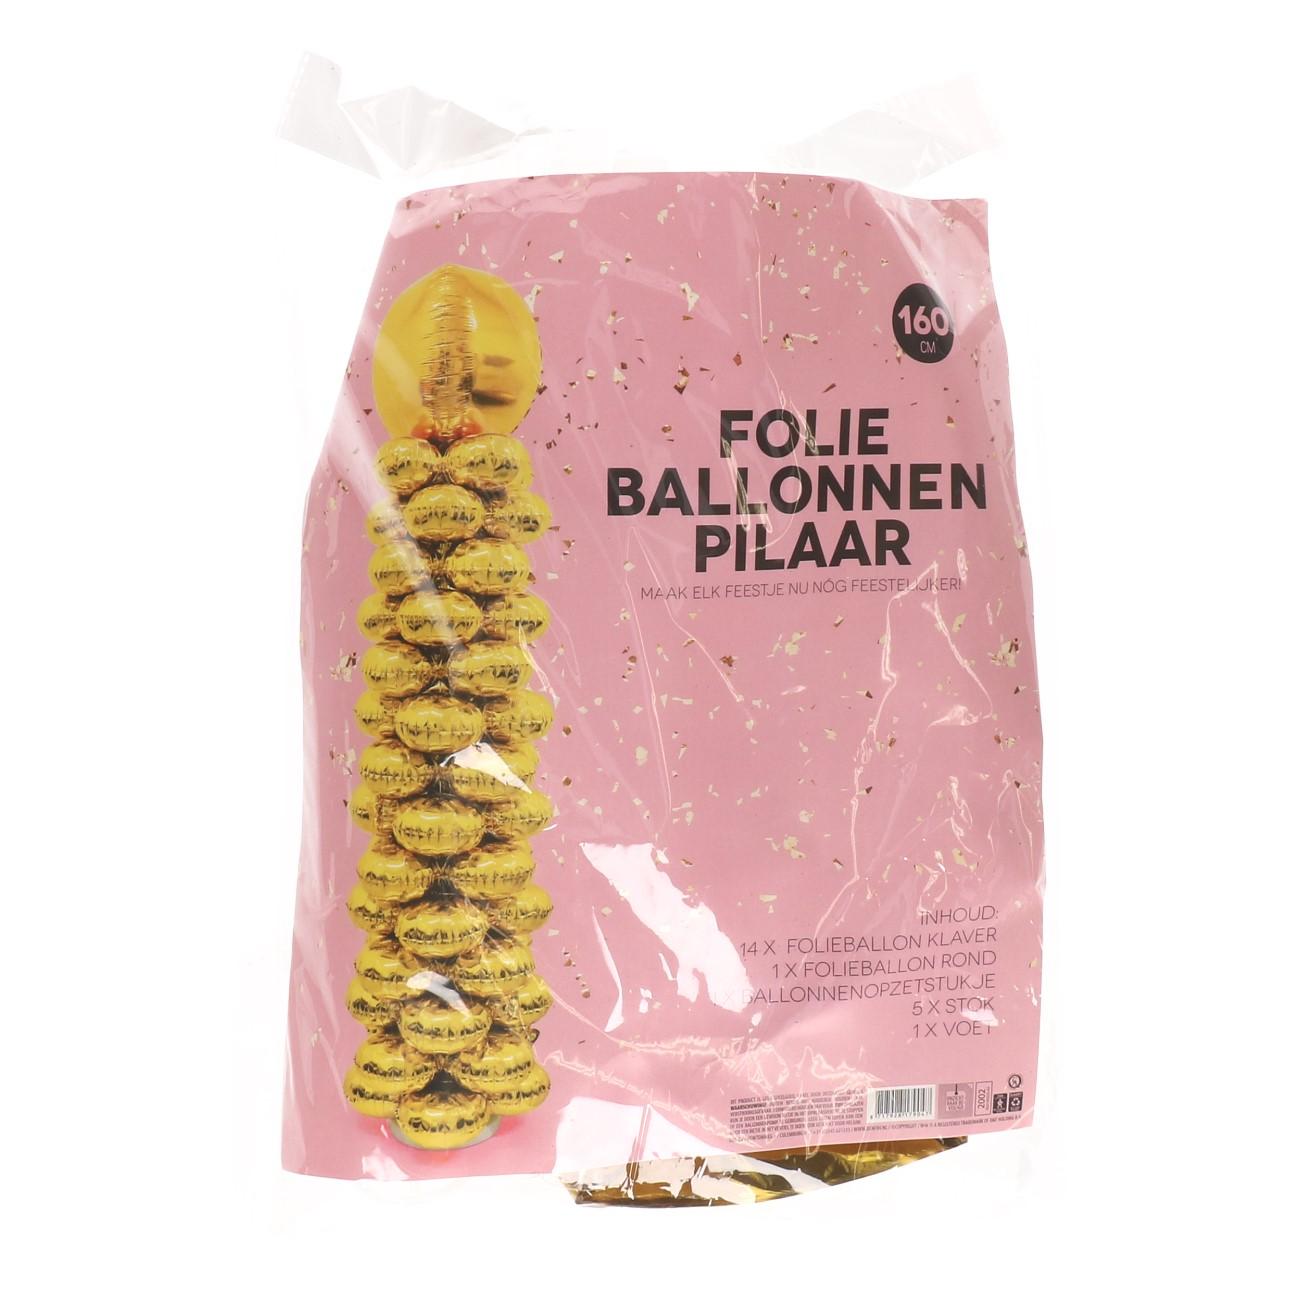 Folie ballonnen pilaar goud 160cm